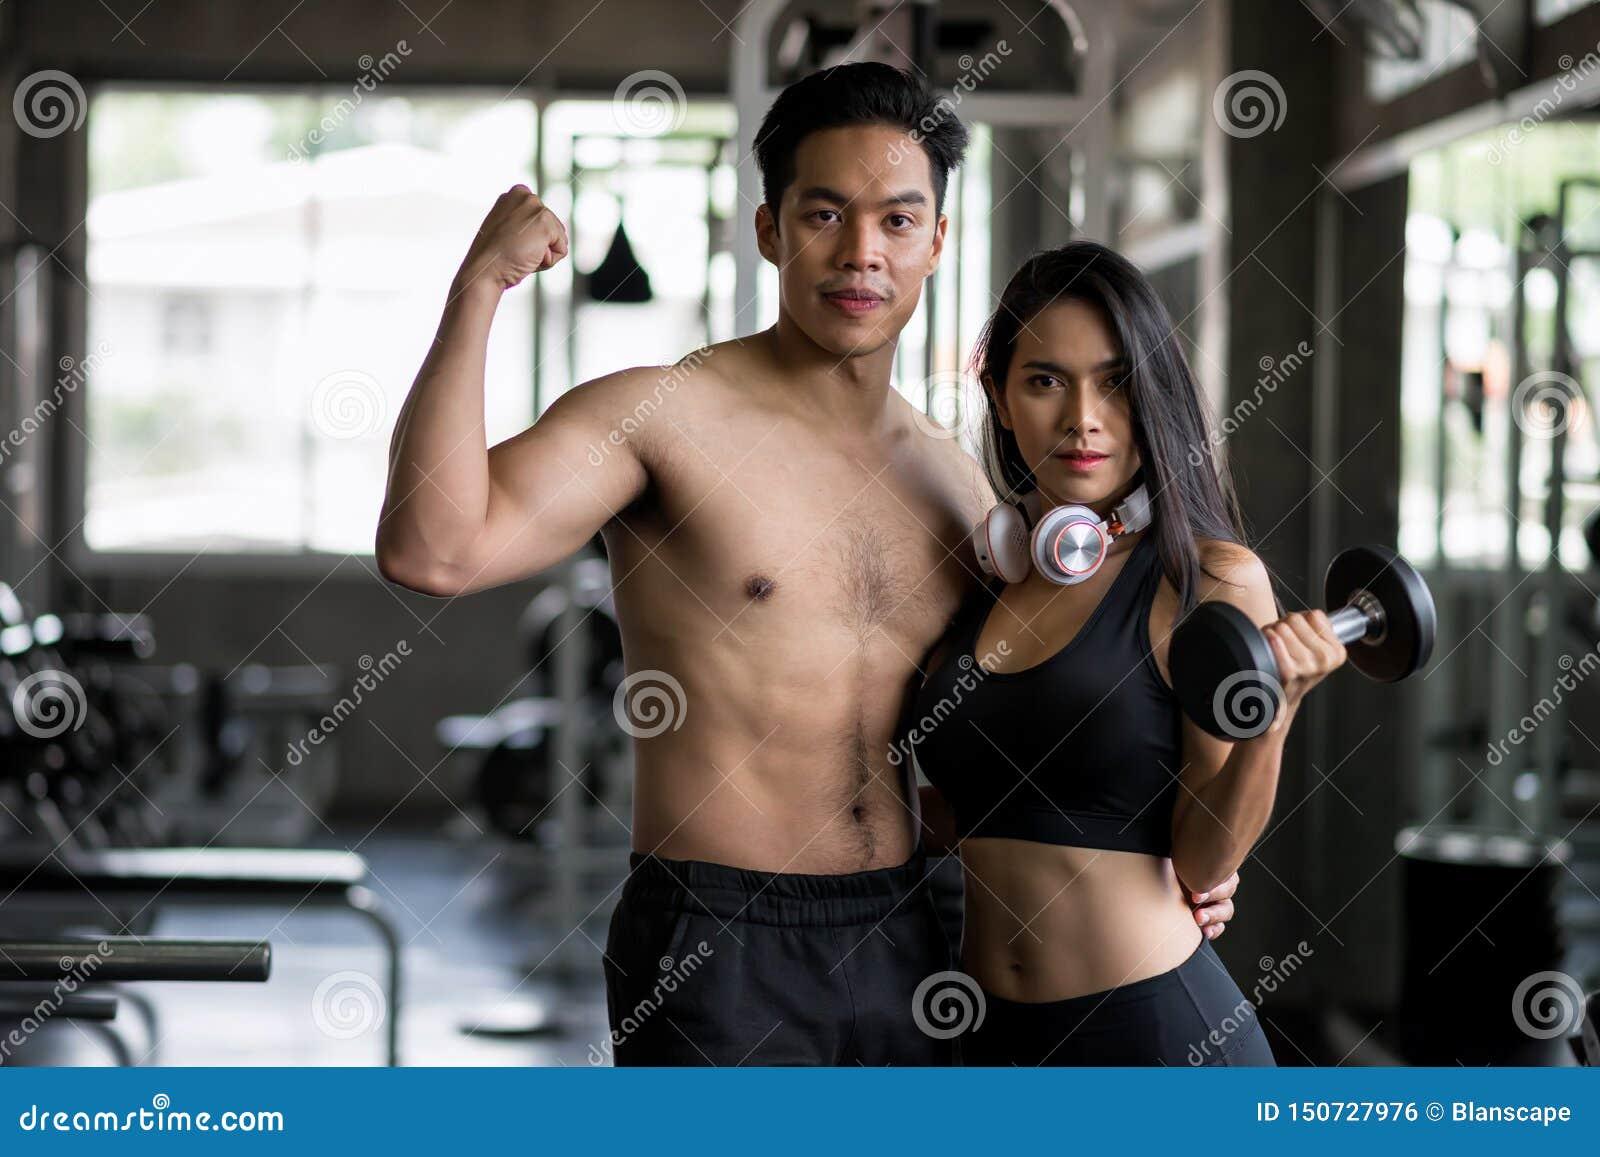 Gesunde asiatische Paare in der Eignungsturnhalle